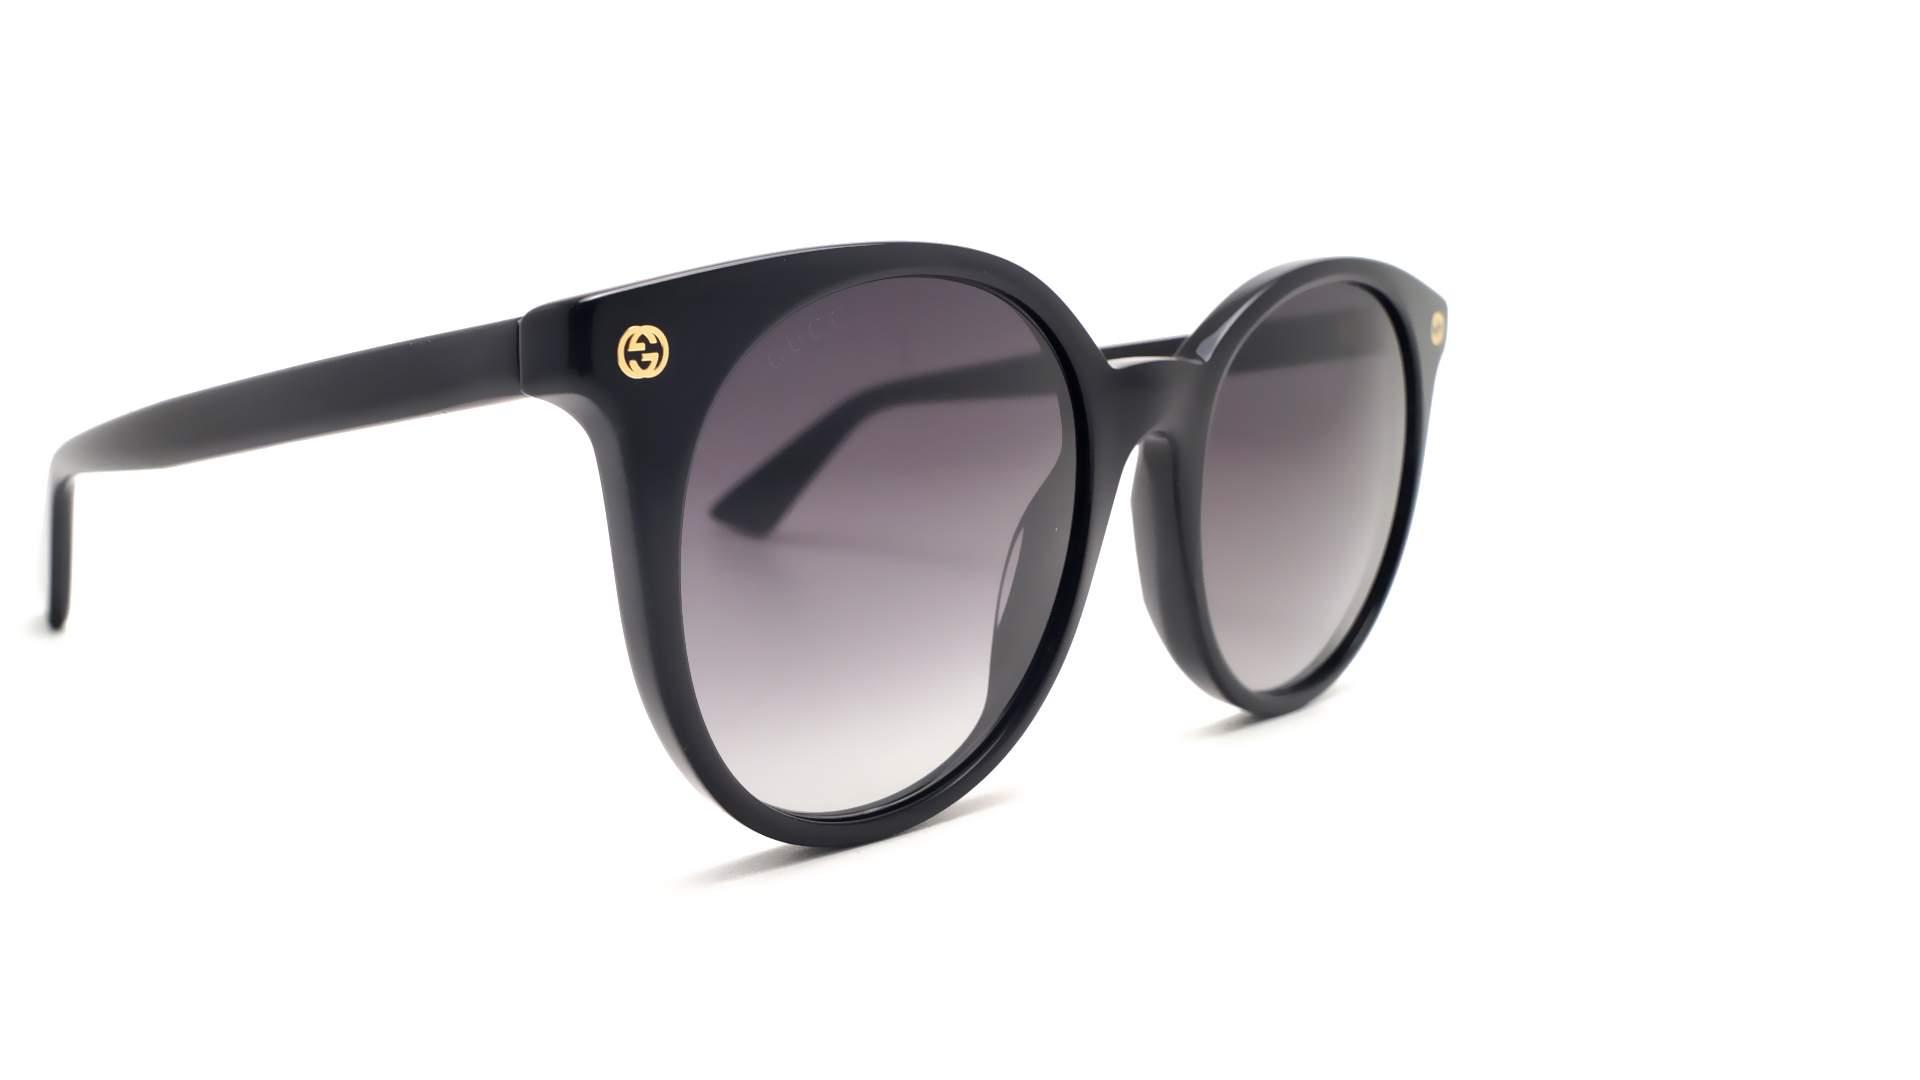 fb3b13f6f73 Lunettes de soleil Gucci GG0091S 001 52-20 Noir Medium Dégradés